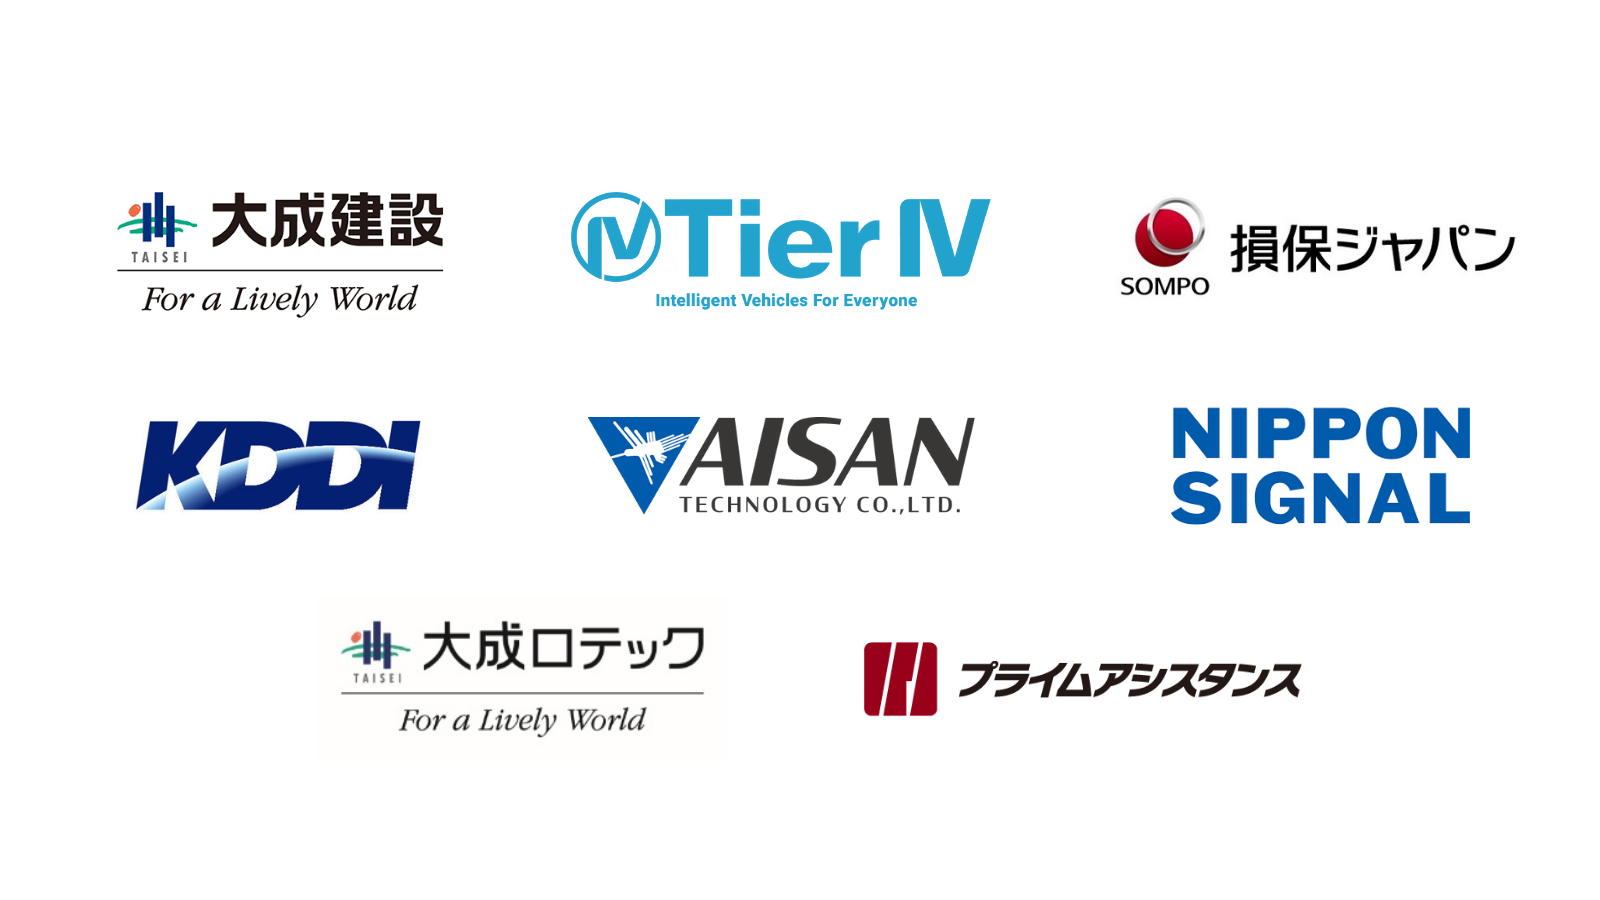 東京都公募:『令和3年度西新宿エリアにおける自動運転移動サービス実現に向けた5Gを活用したサービスモデルの構築に関するプロジェクト』採択のお知らせ